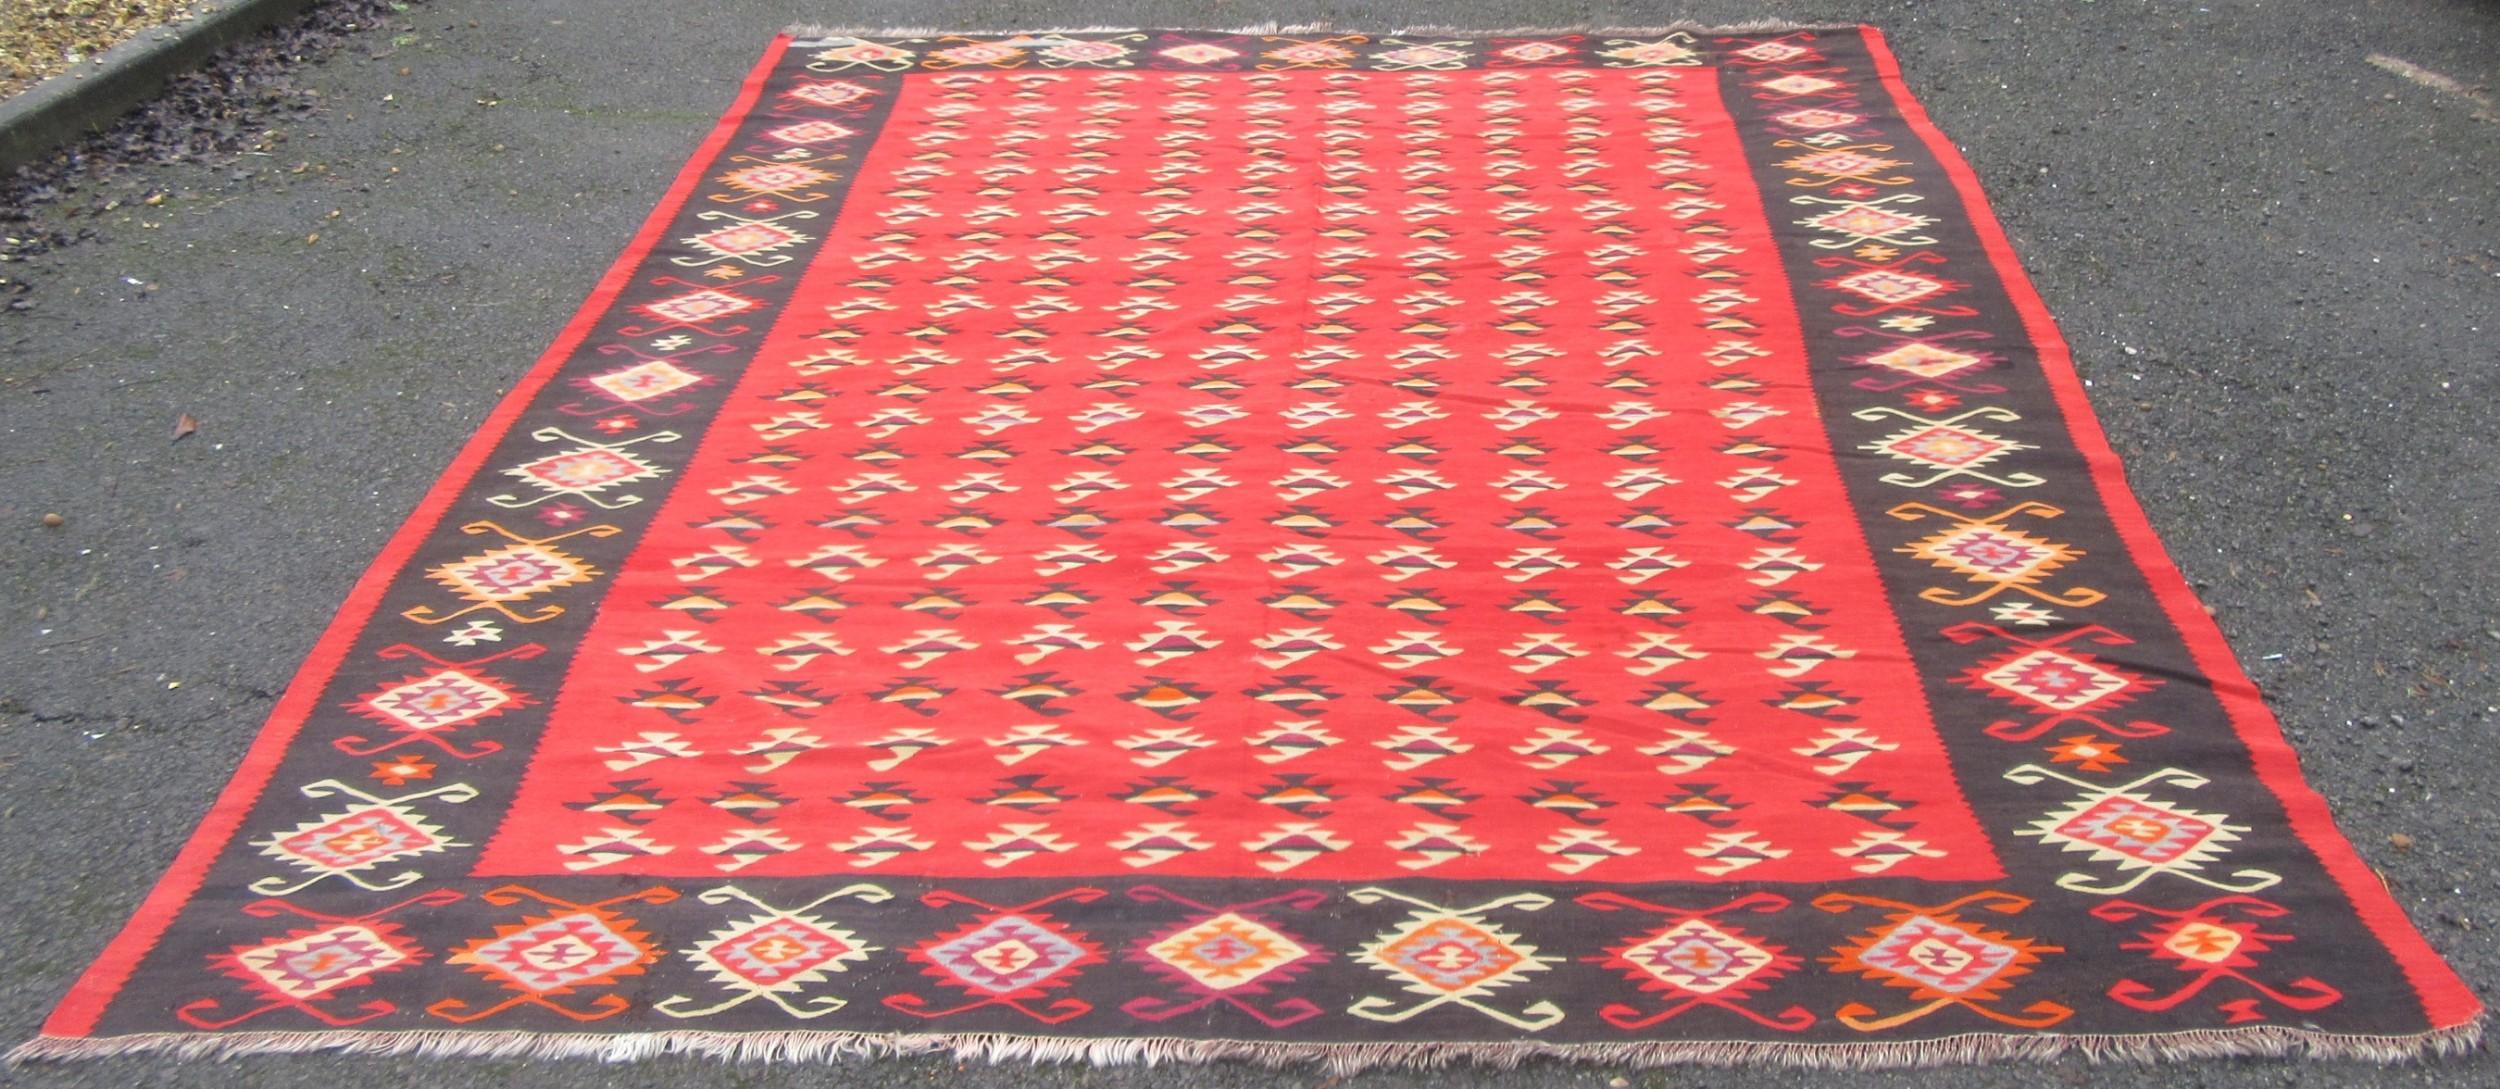 beautiful large antique turkish kilim kelim carpet rug room size 355cm x 291cm west anatolia